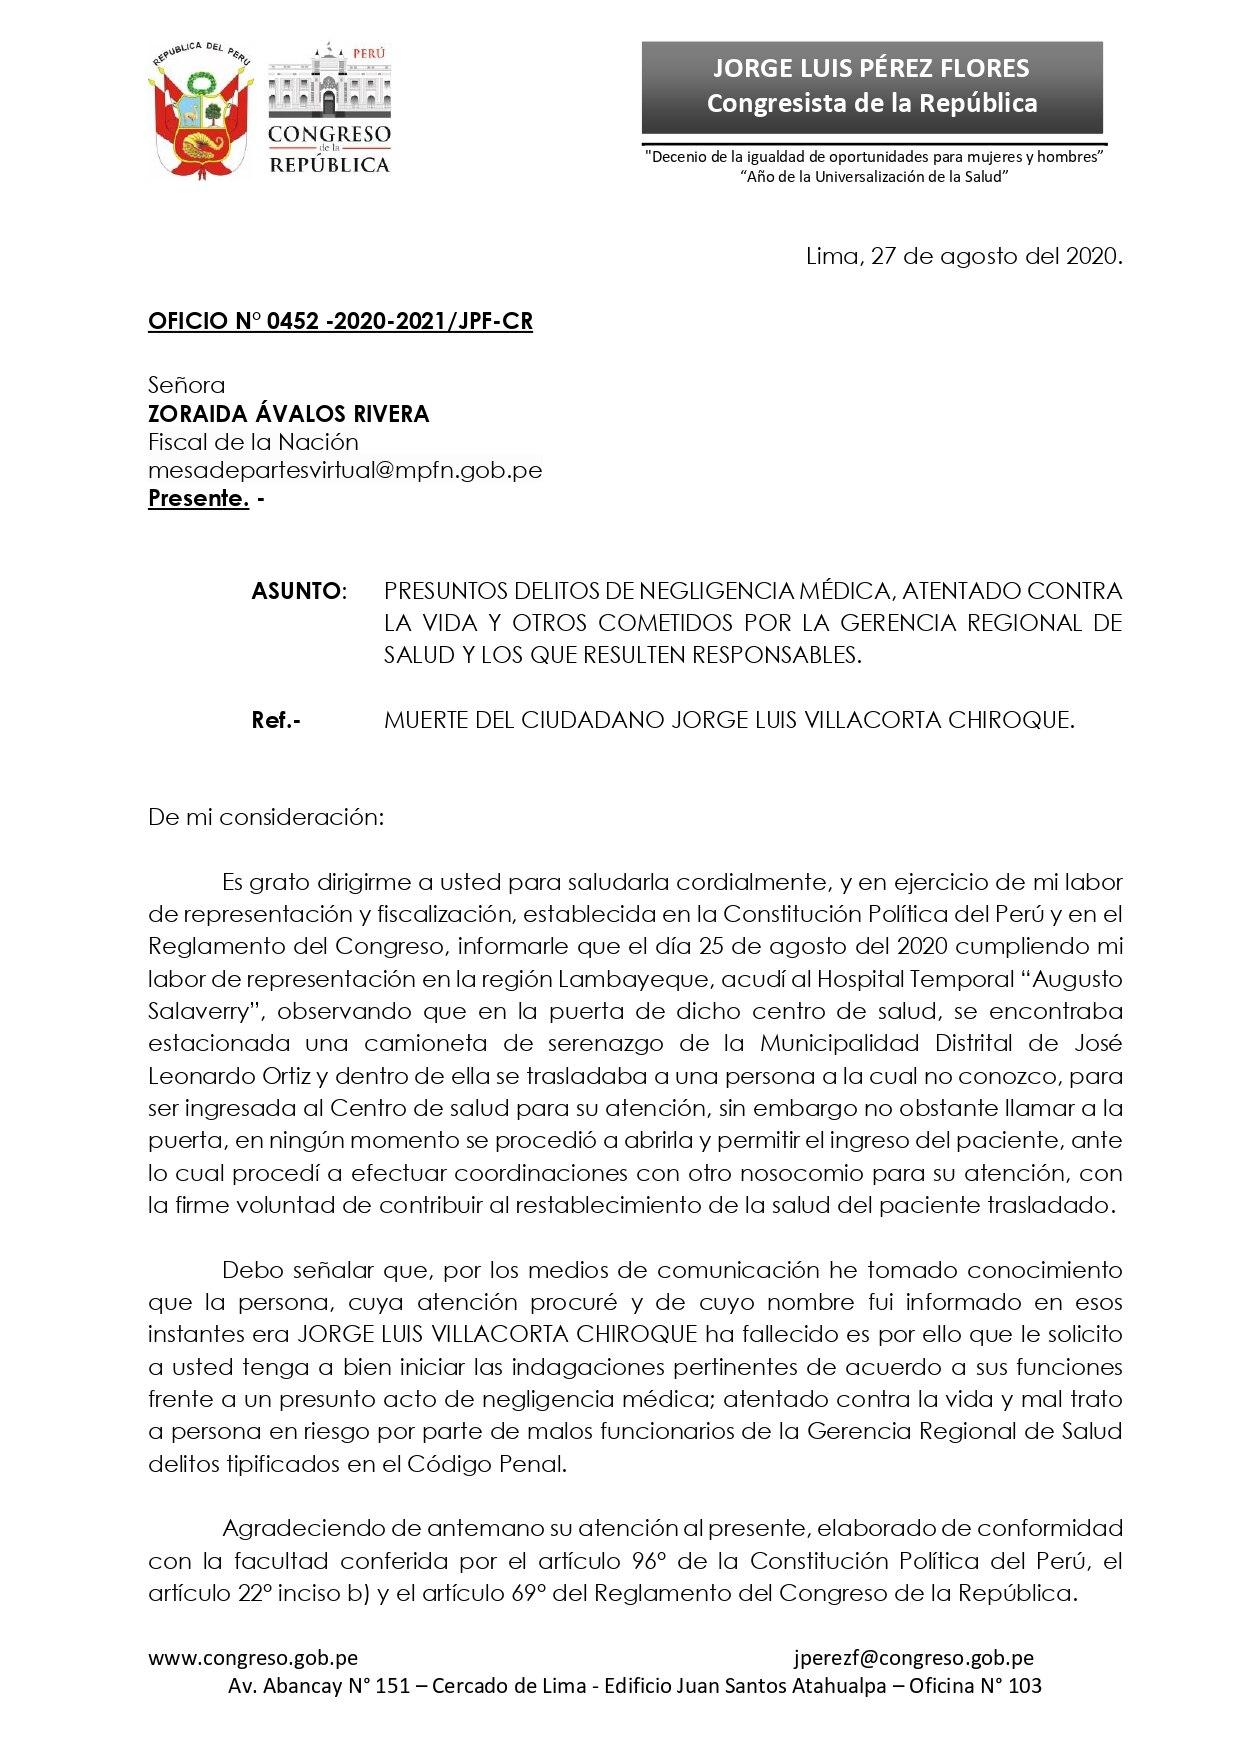 Oficio del congresista dirigido a la fiscal de la Nación. (Foto: Jorge Pérez Flores)